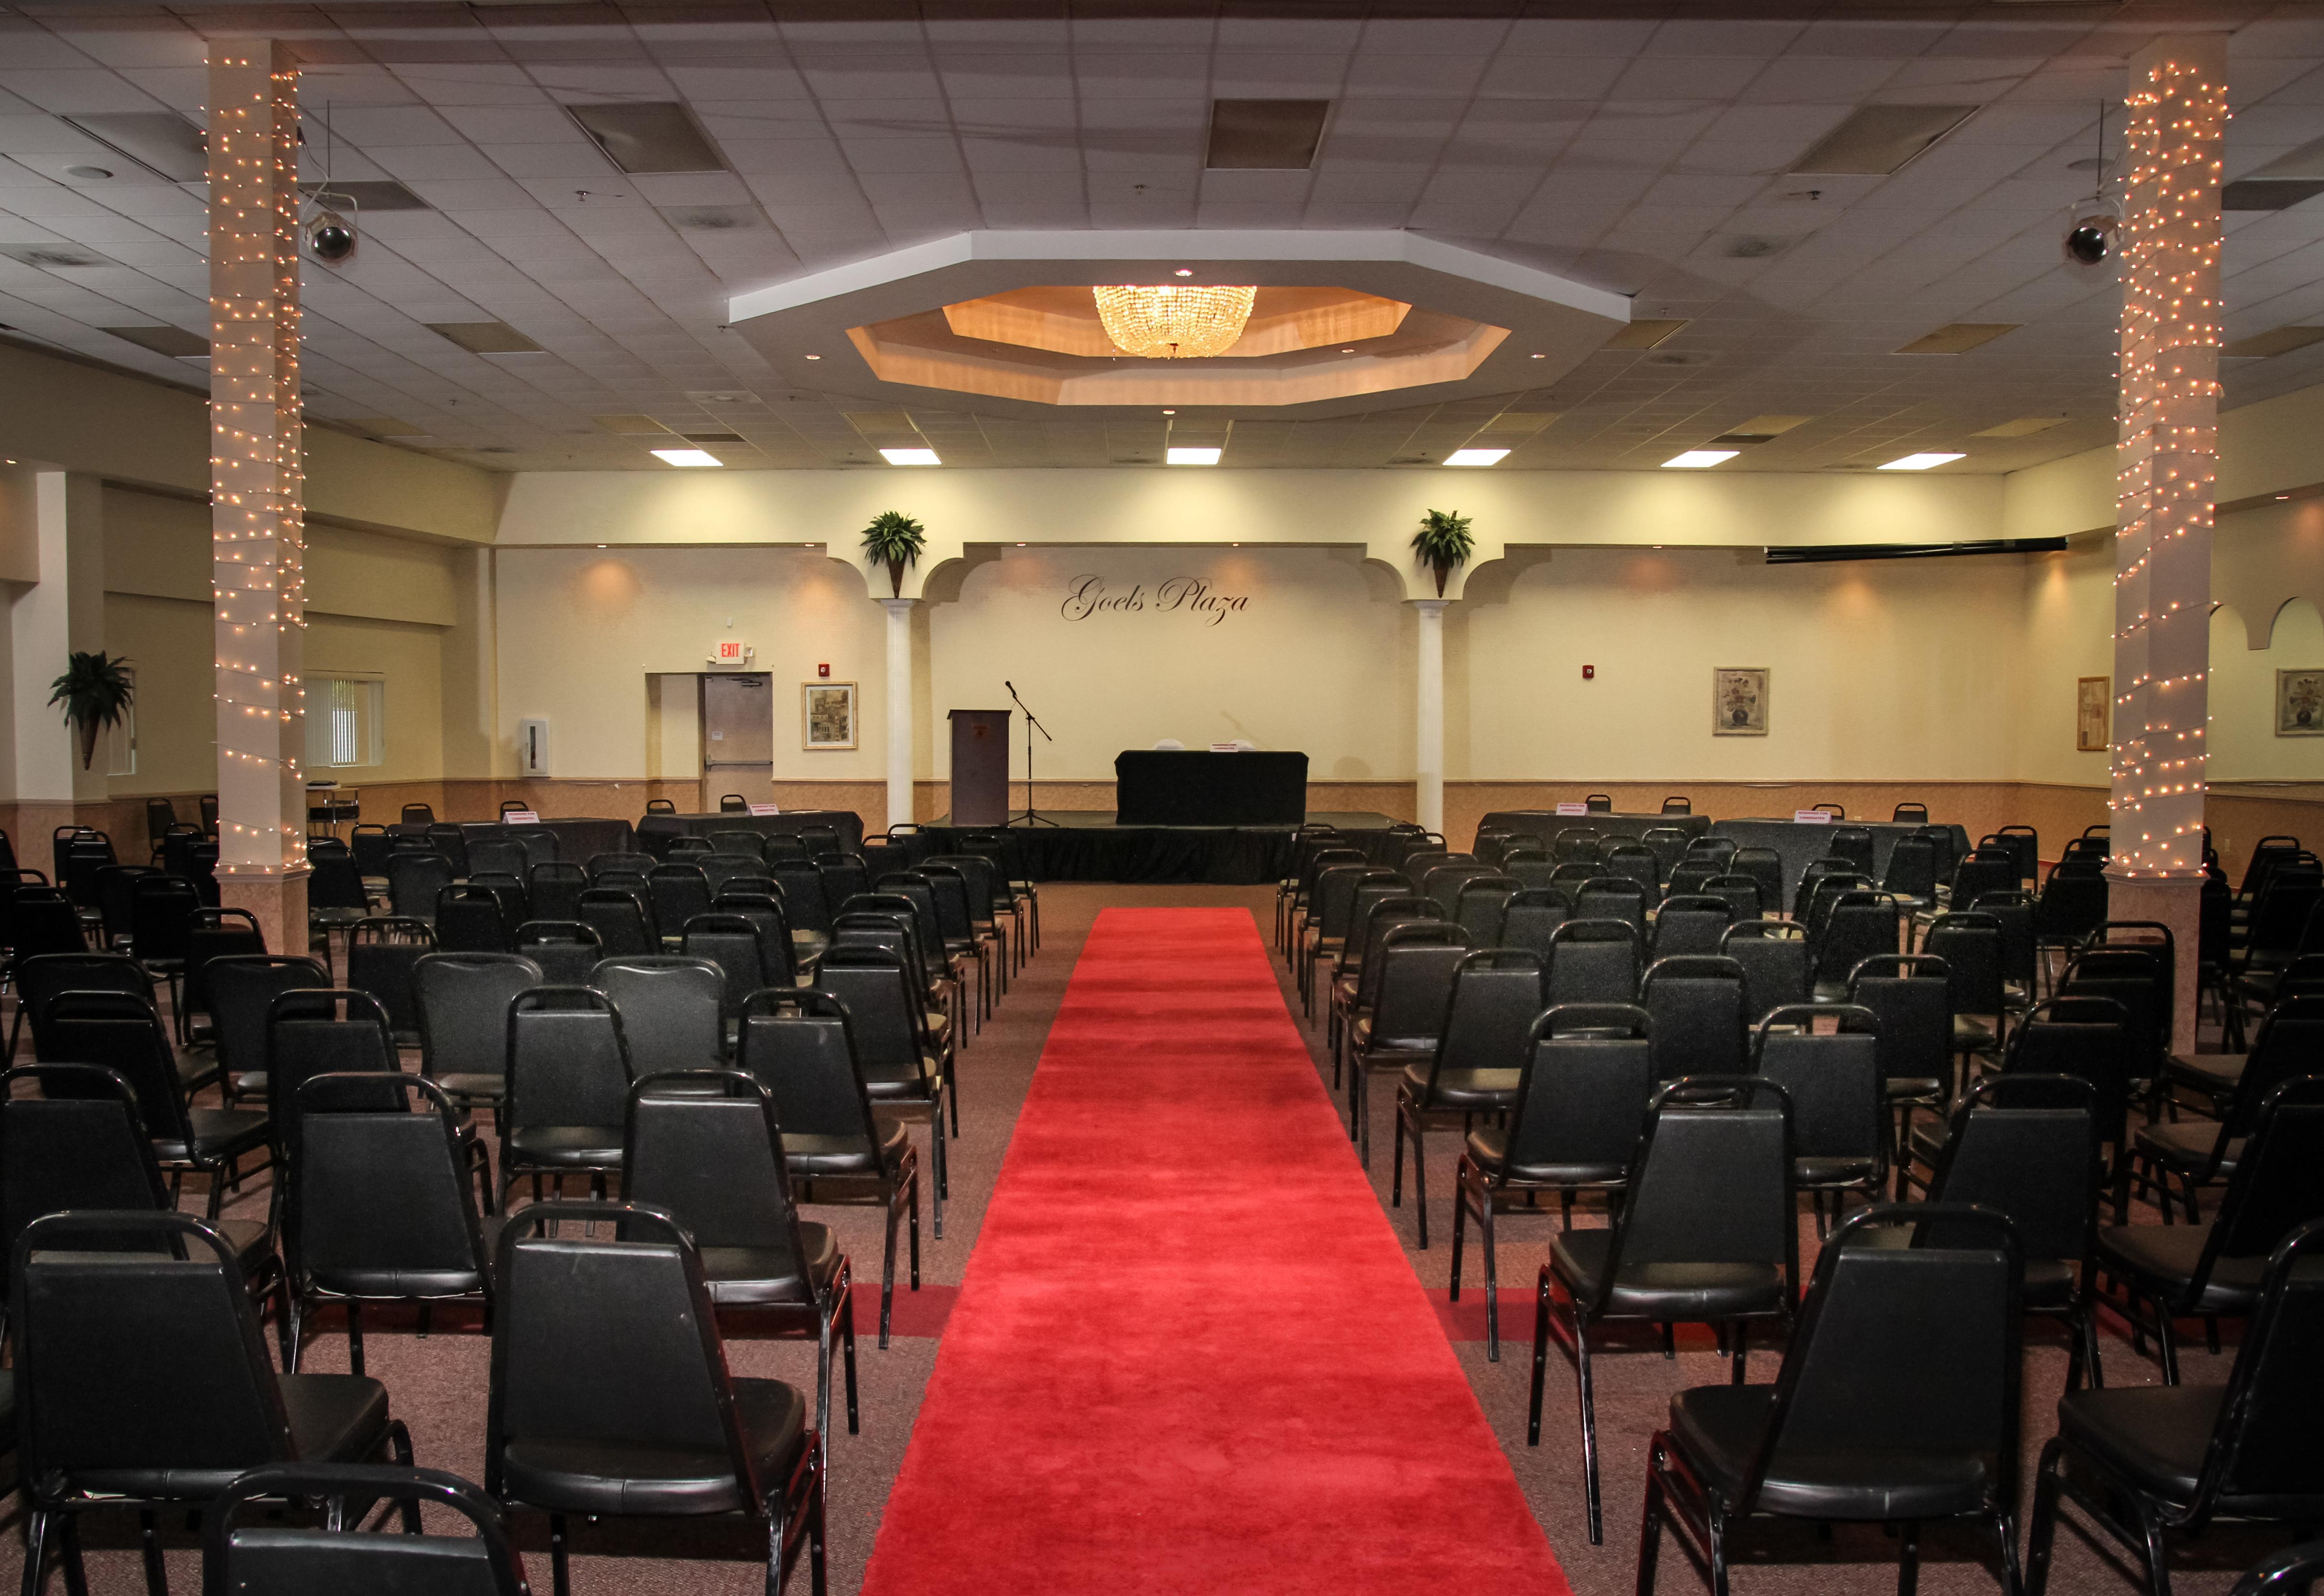 Auditorium Setup in Grand 2